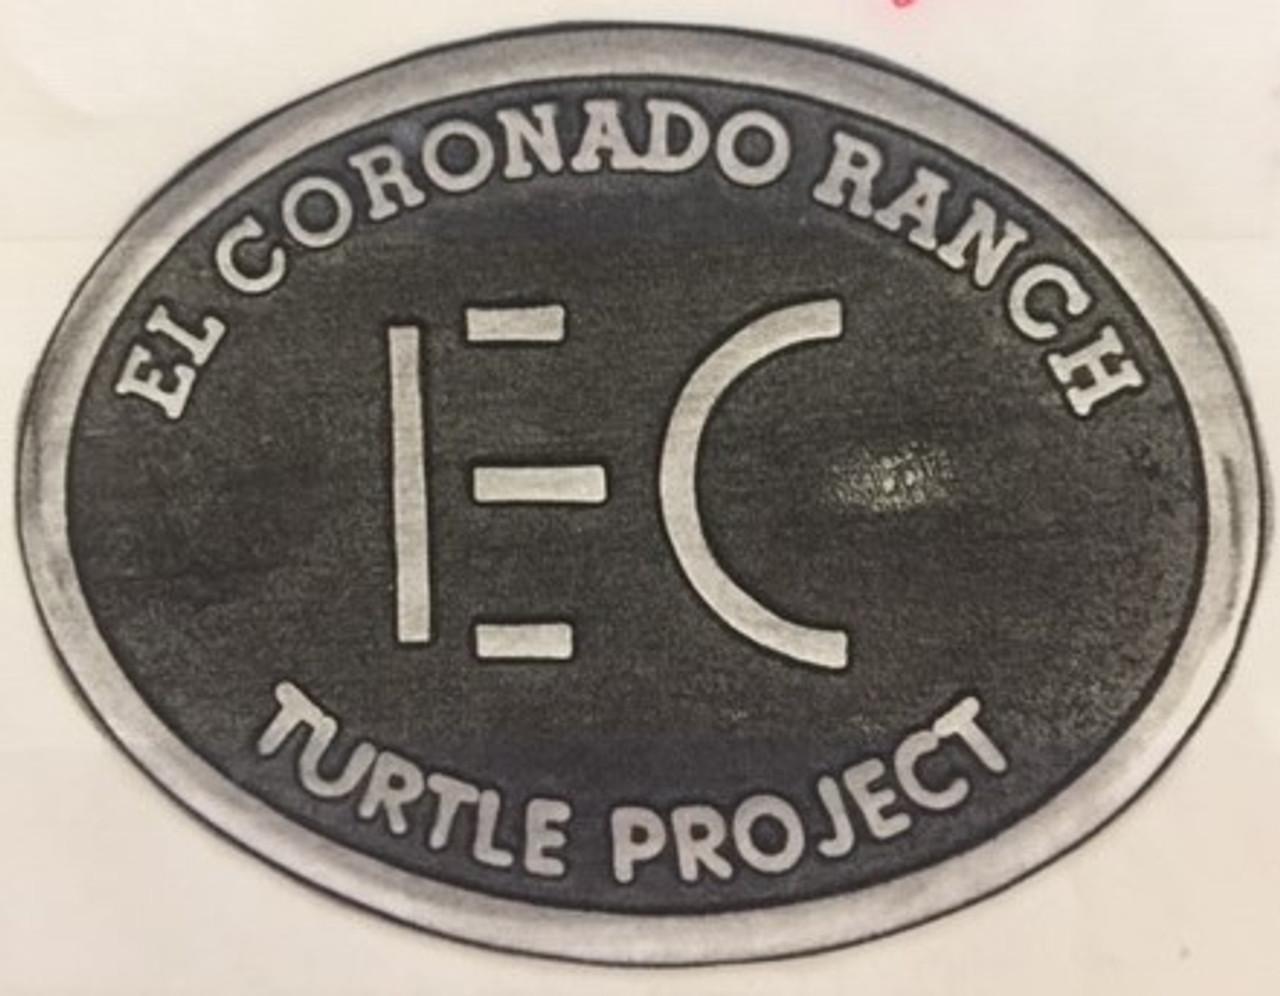 El Coronado Ranch Turtle Project Buckle